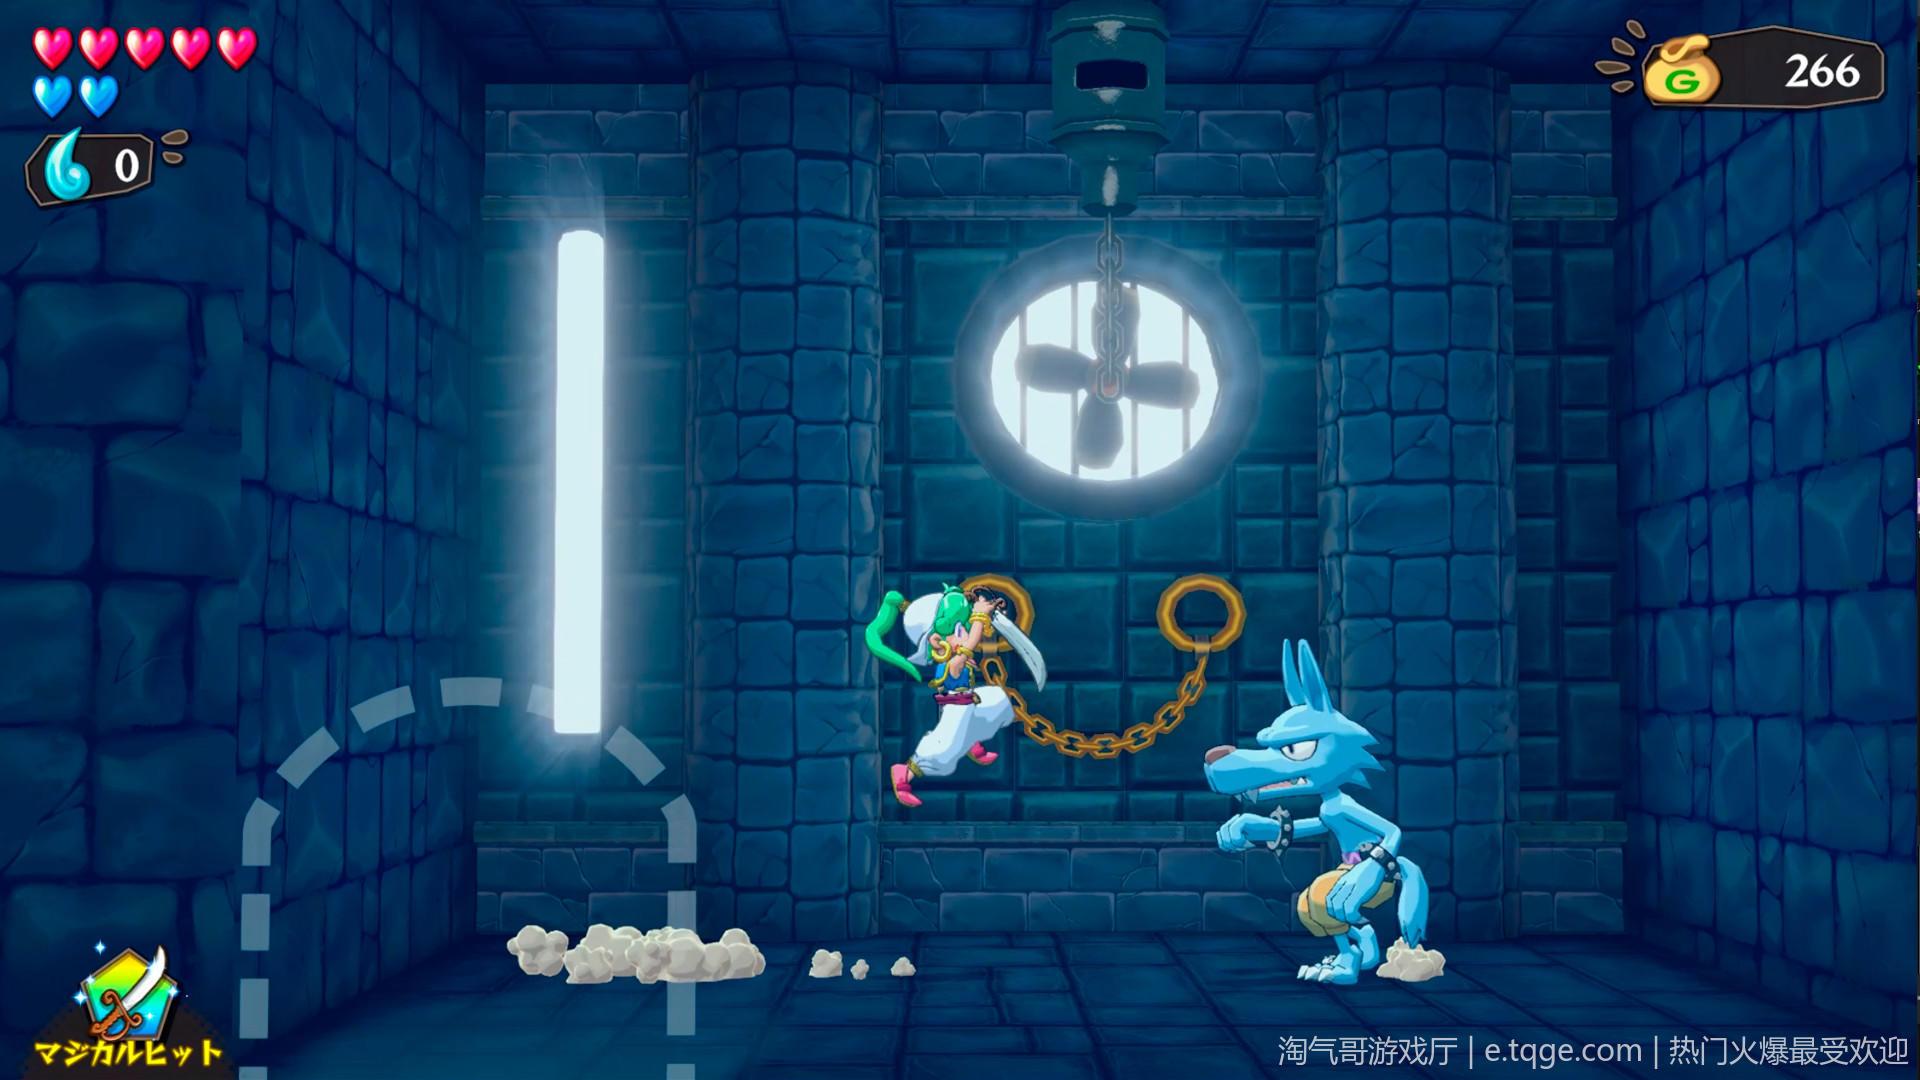 神奇男孩:阿莎的怪物世界冒险 动作冒险 第2张